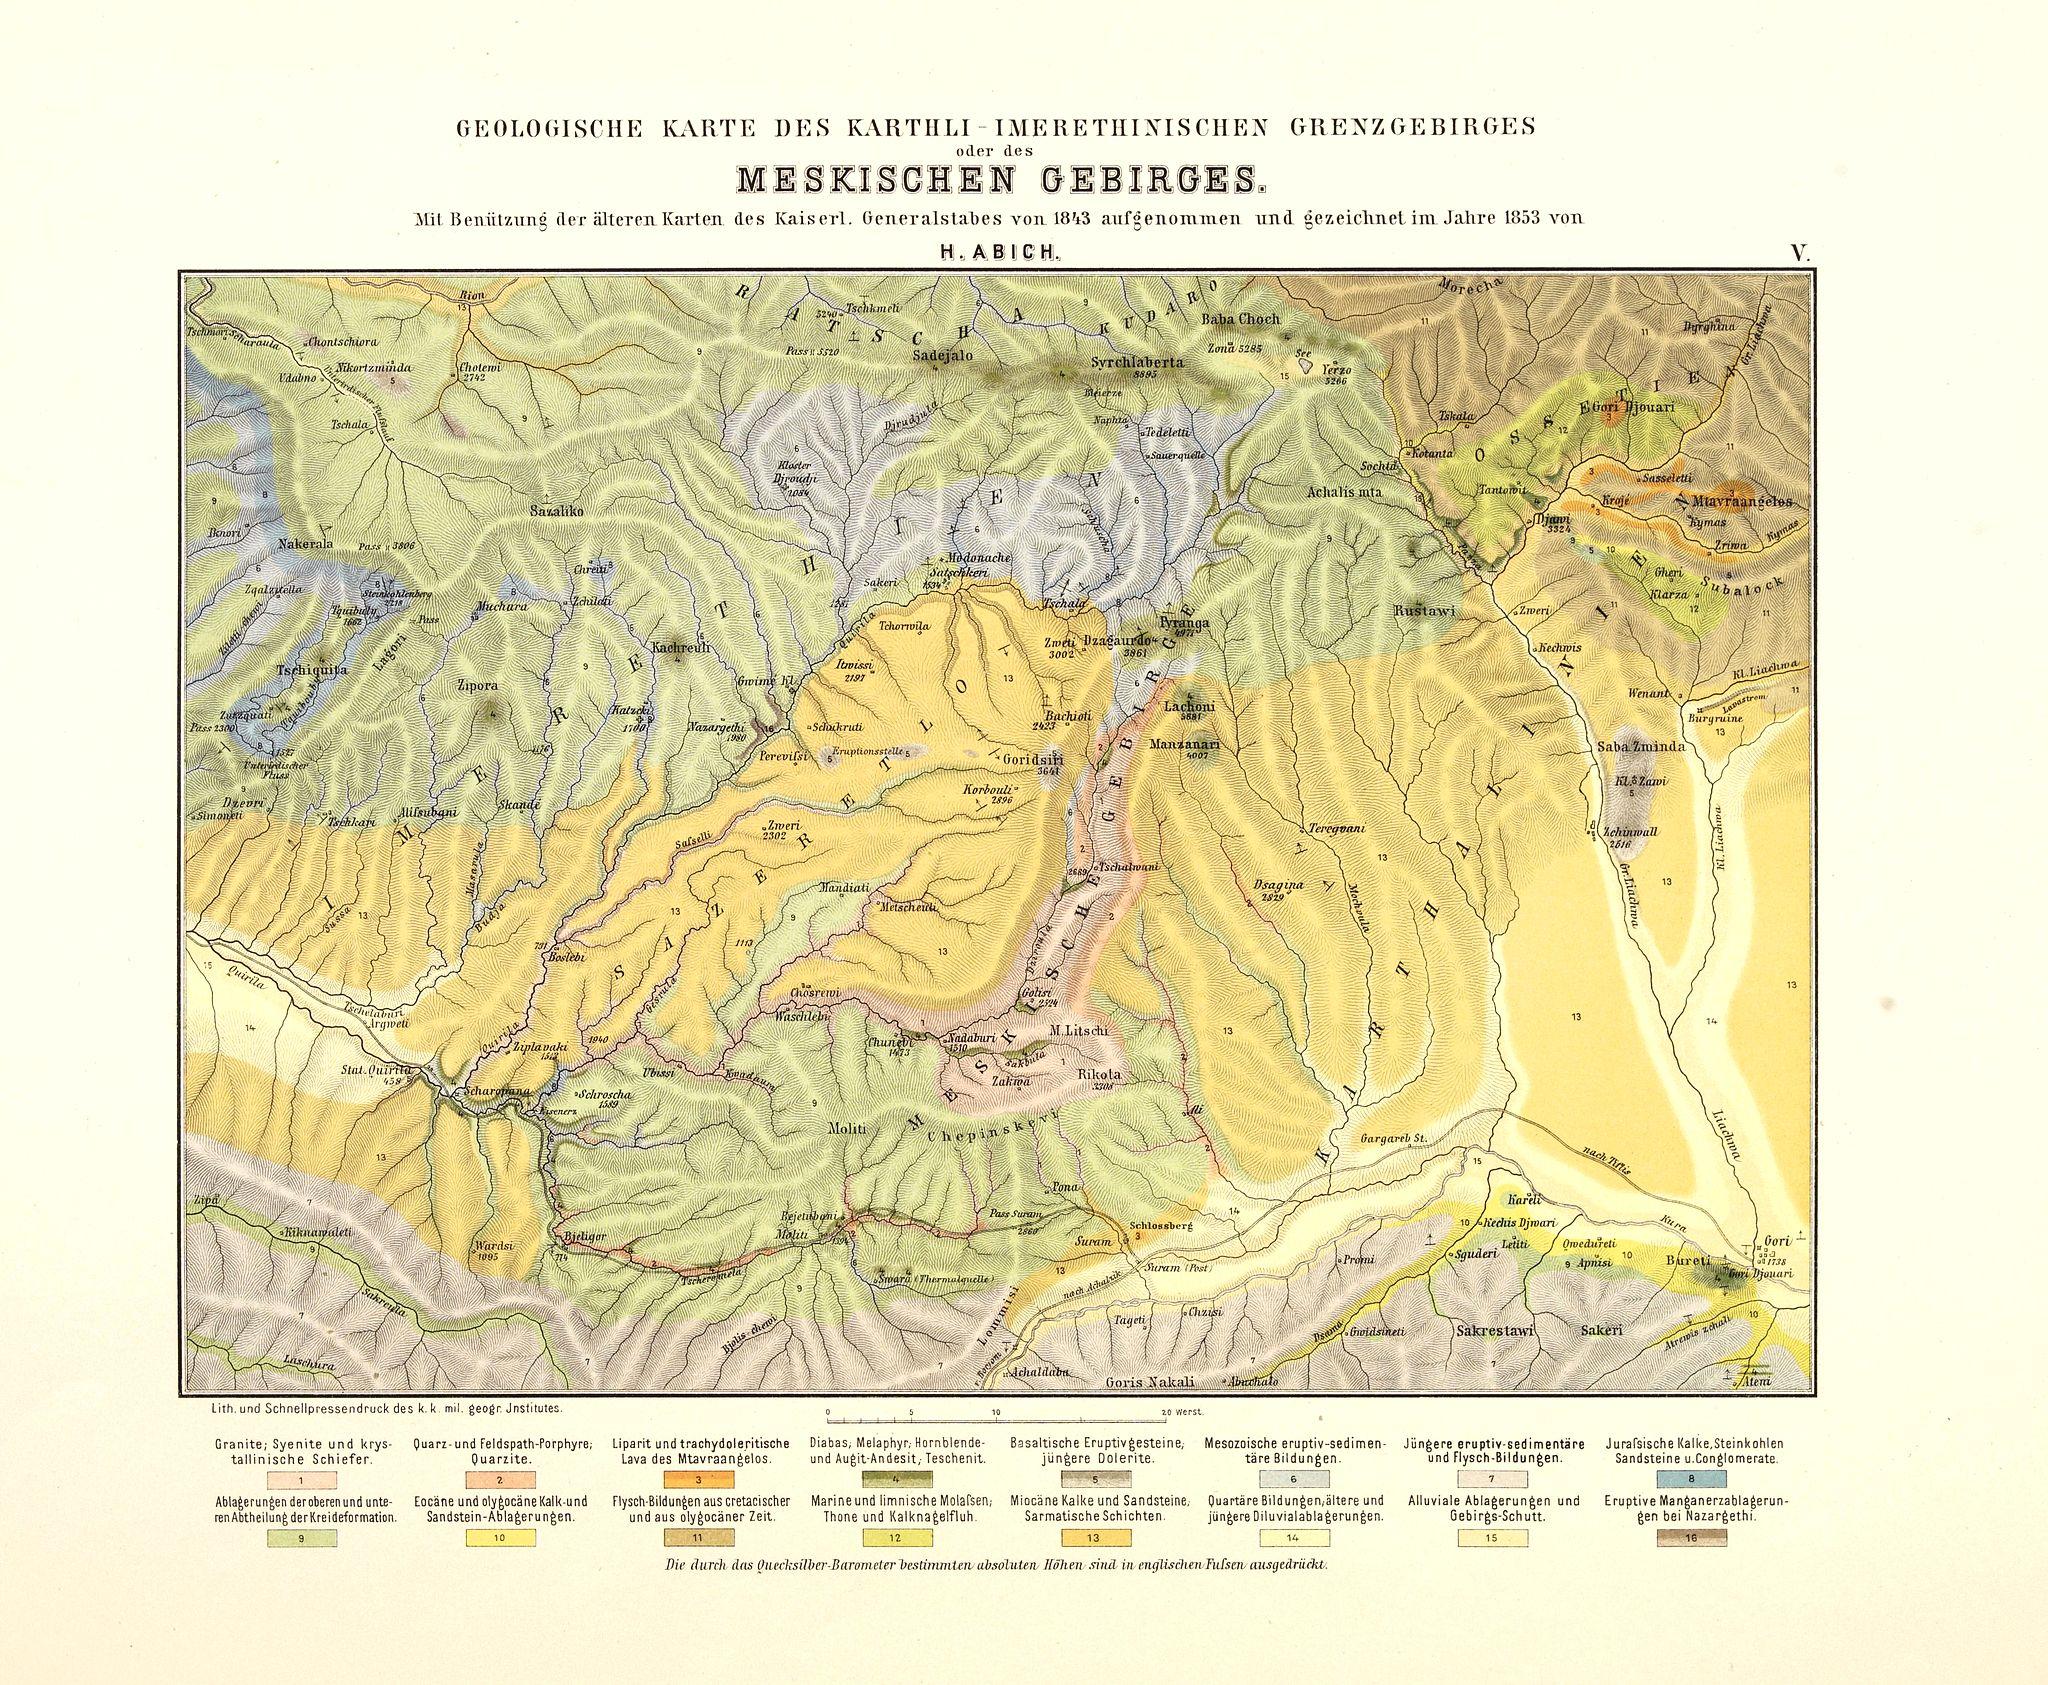 ABICH, H. -  Geologische Karte des Karthli-Imerethinischen Grenzgebirges oder des Meskischen Gebirges.